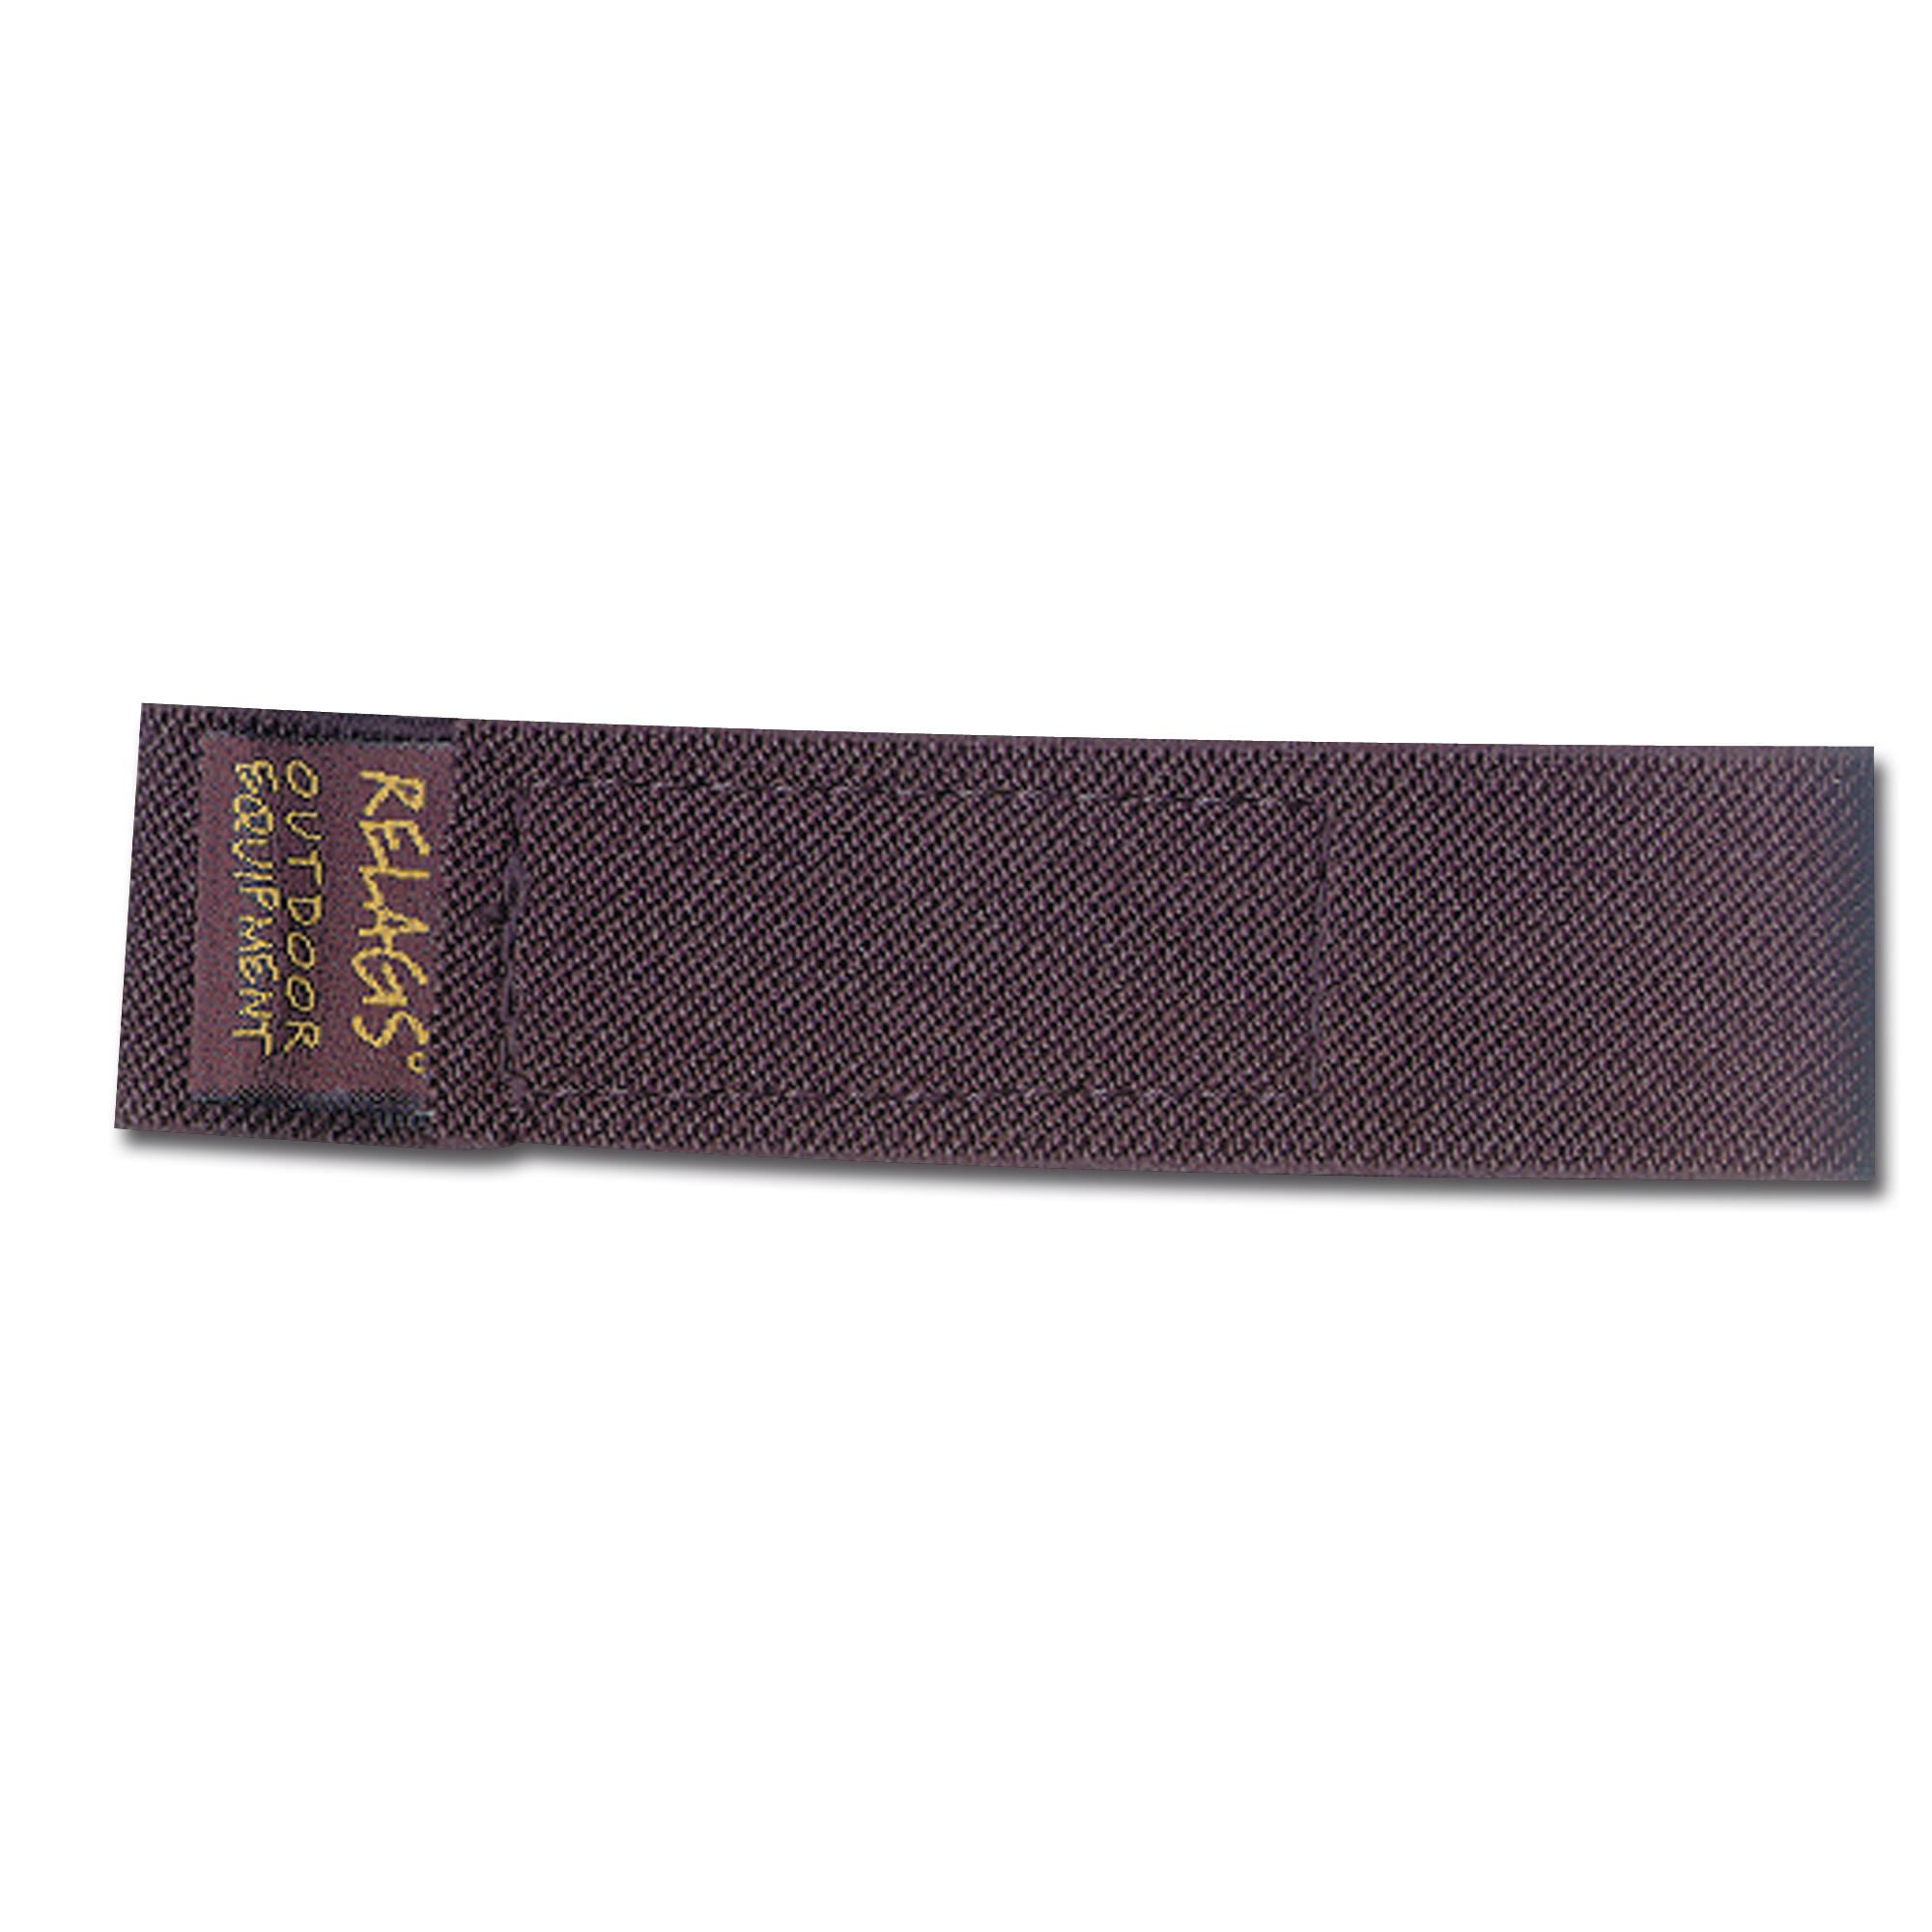 Strapits noir 40 cm